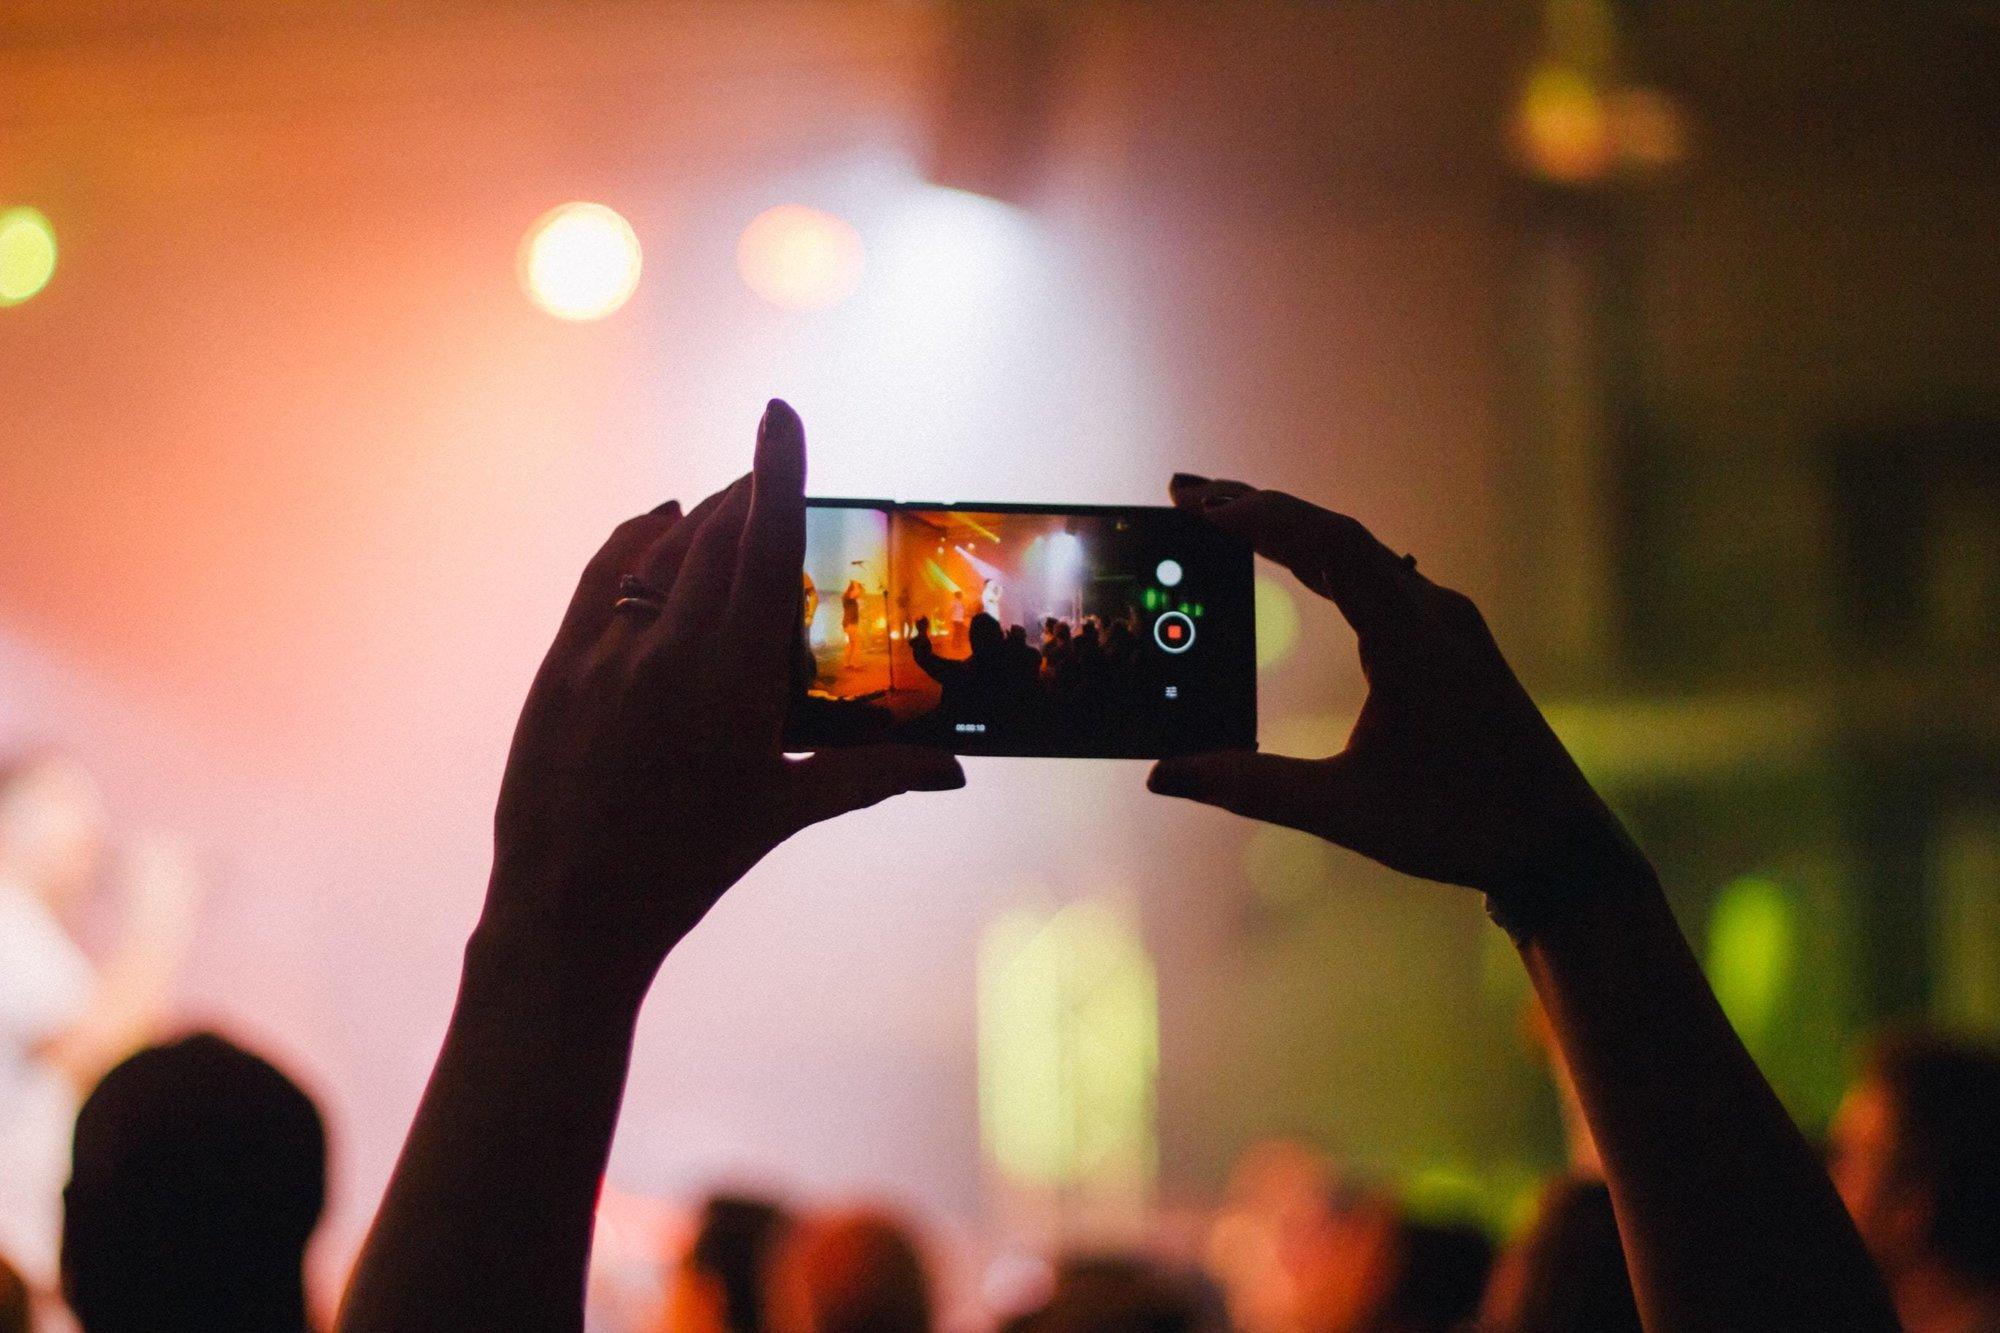 Концерти, лекції та вечірки: онлайн-івенти березня (ОНОВЛЮЄТЬСЯ)